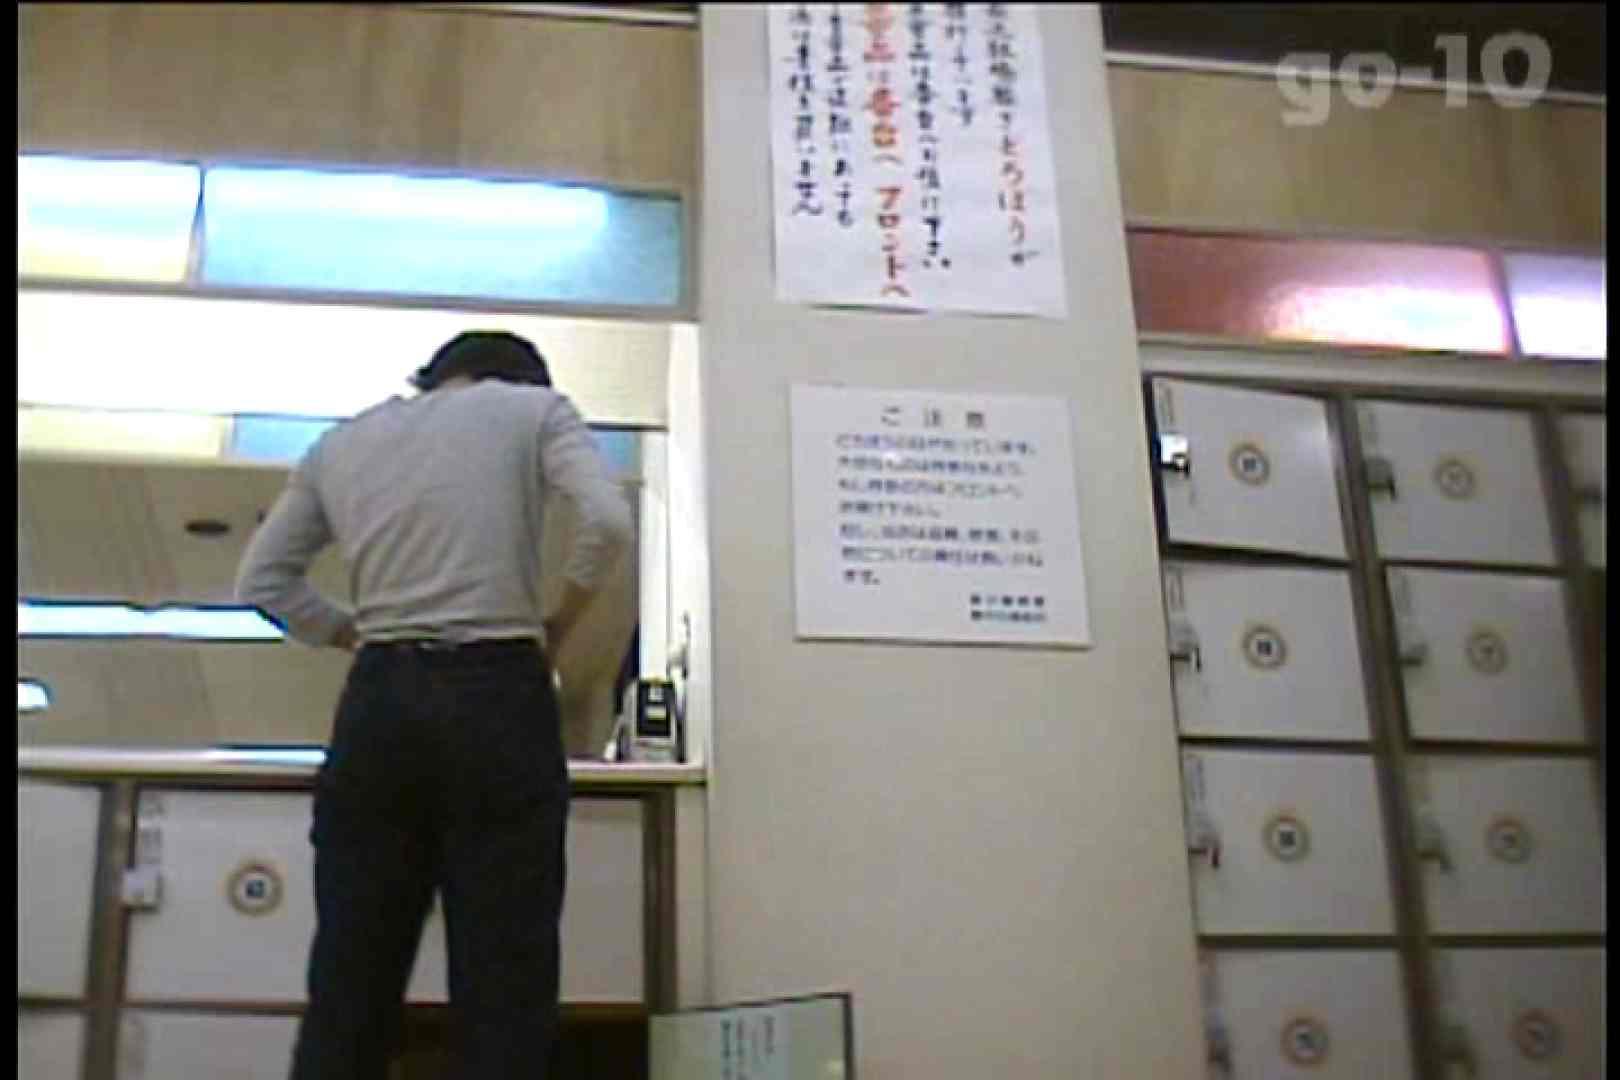 電波カメラ設置浴場からの防HAN映像 Vol.10 OL女体  86連発 51